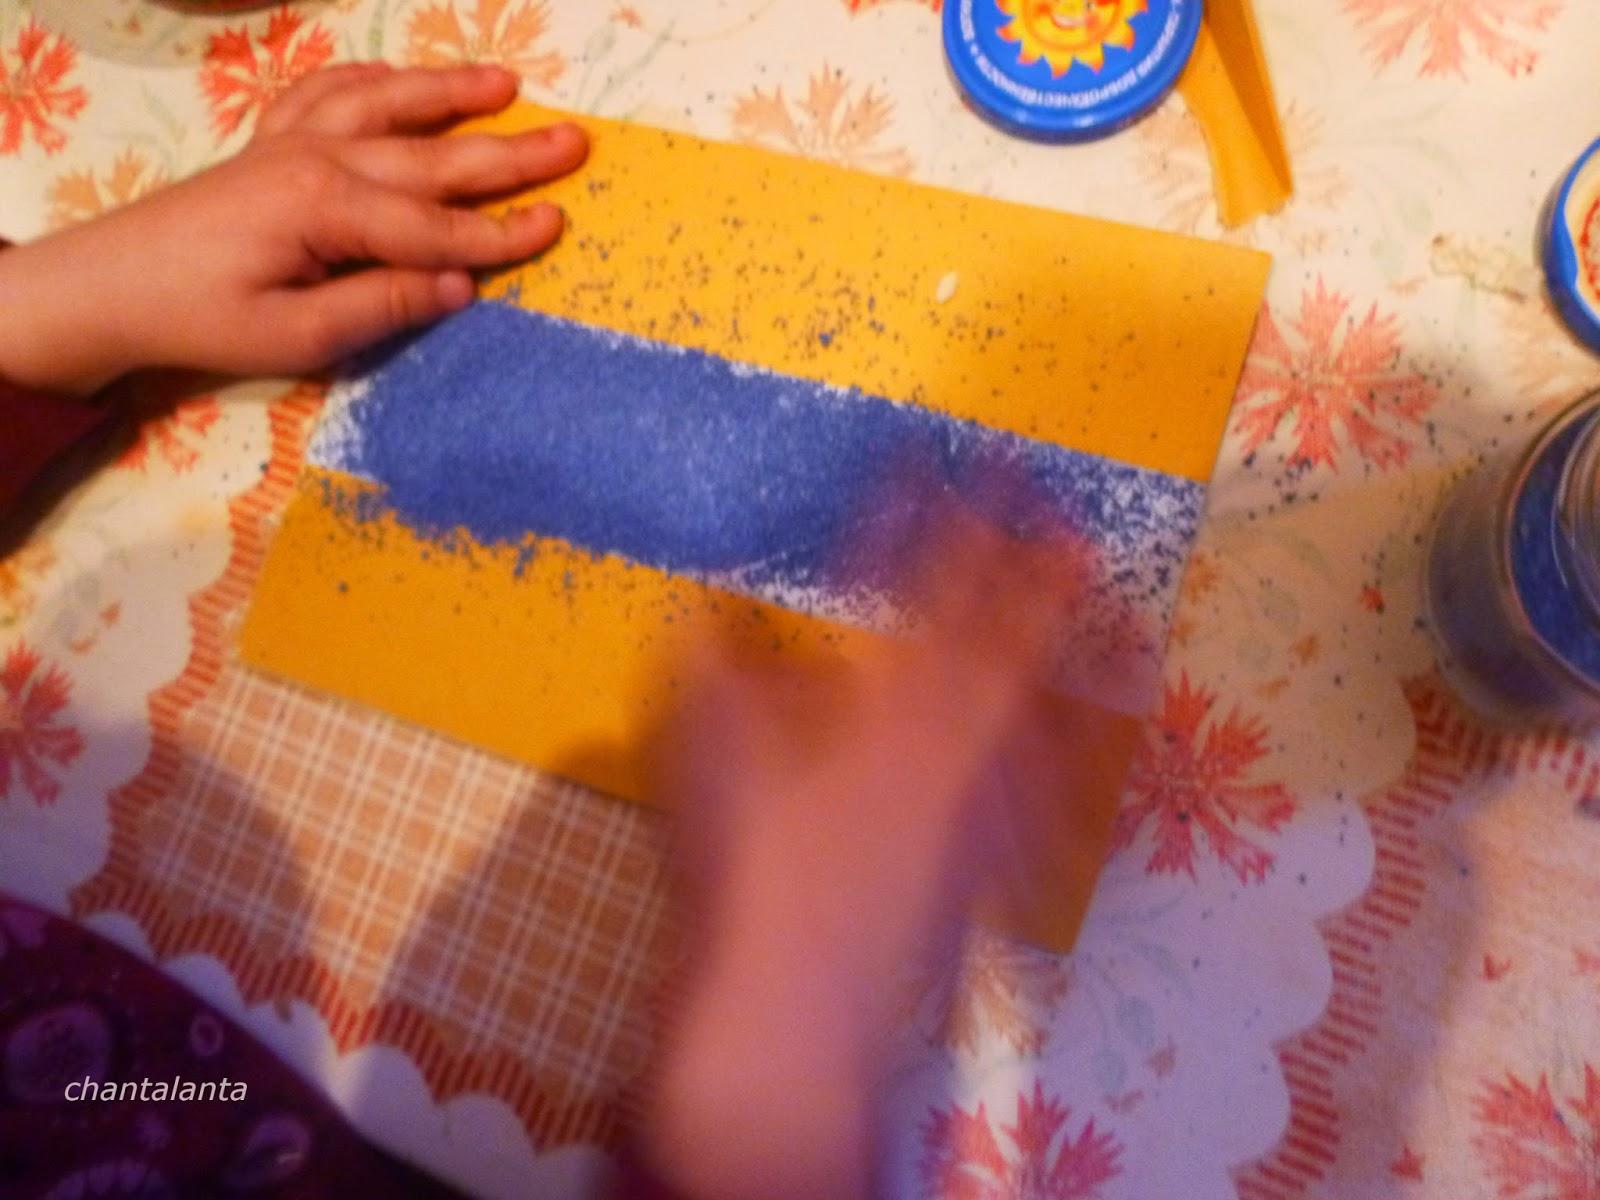 Как манку покрасить для поделок? Все способы изготовления альтернативы 27